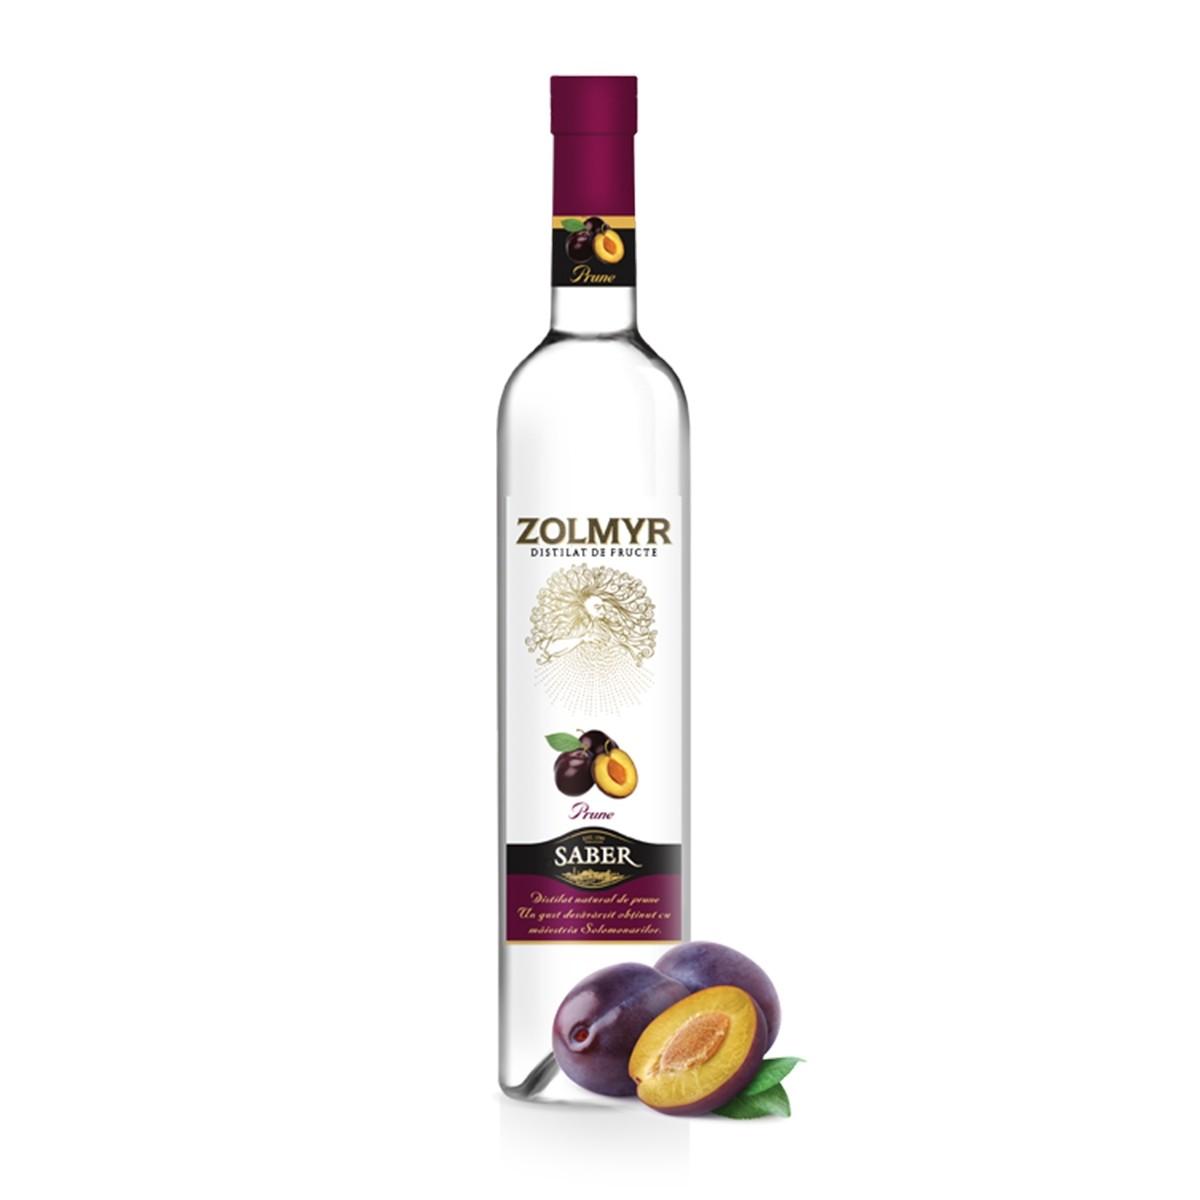 Zolmyr Prune 500 ml